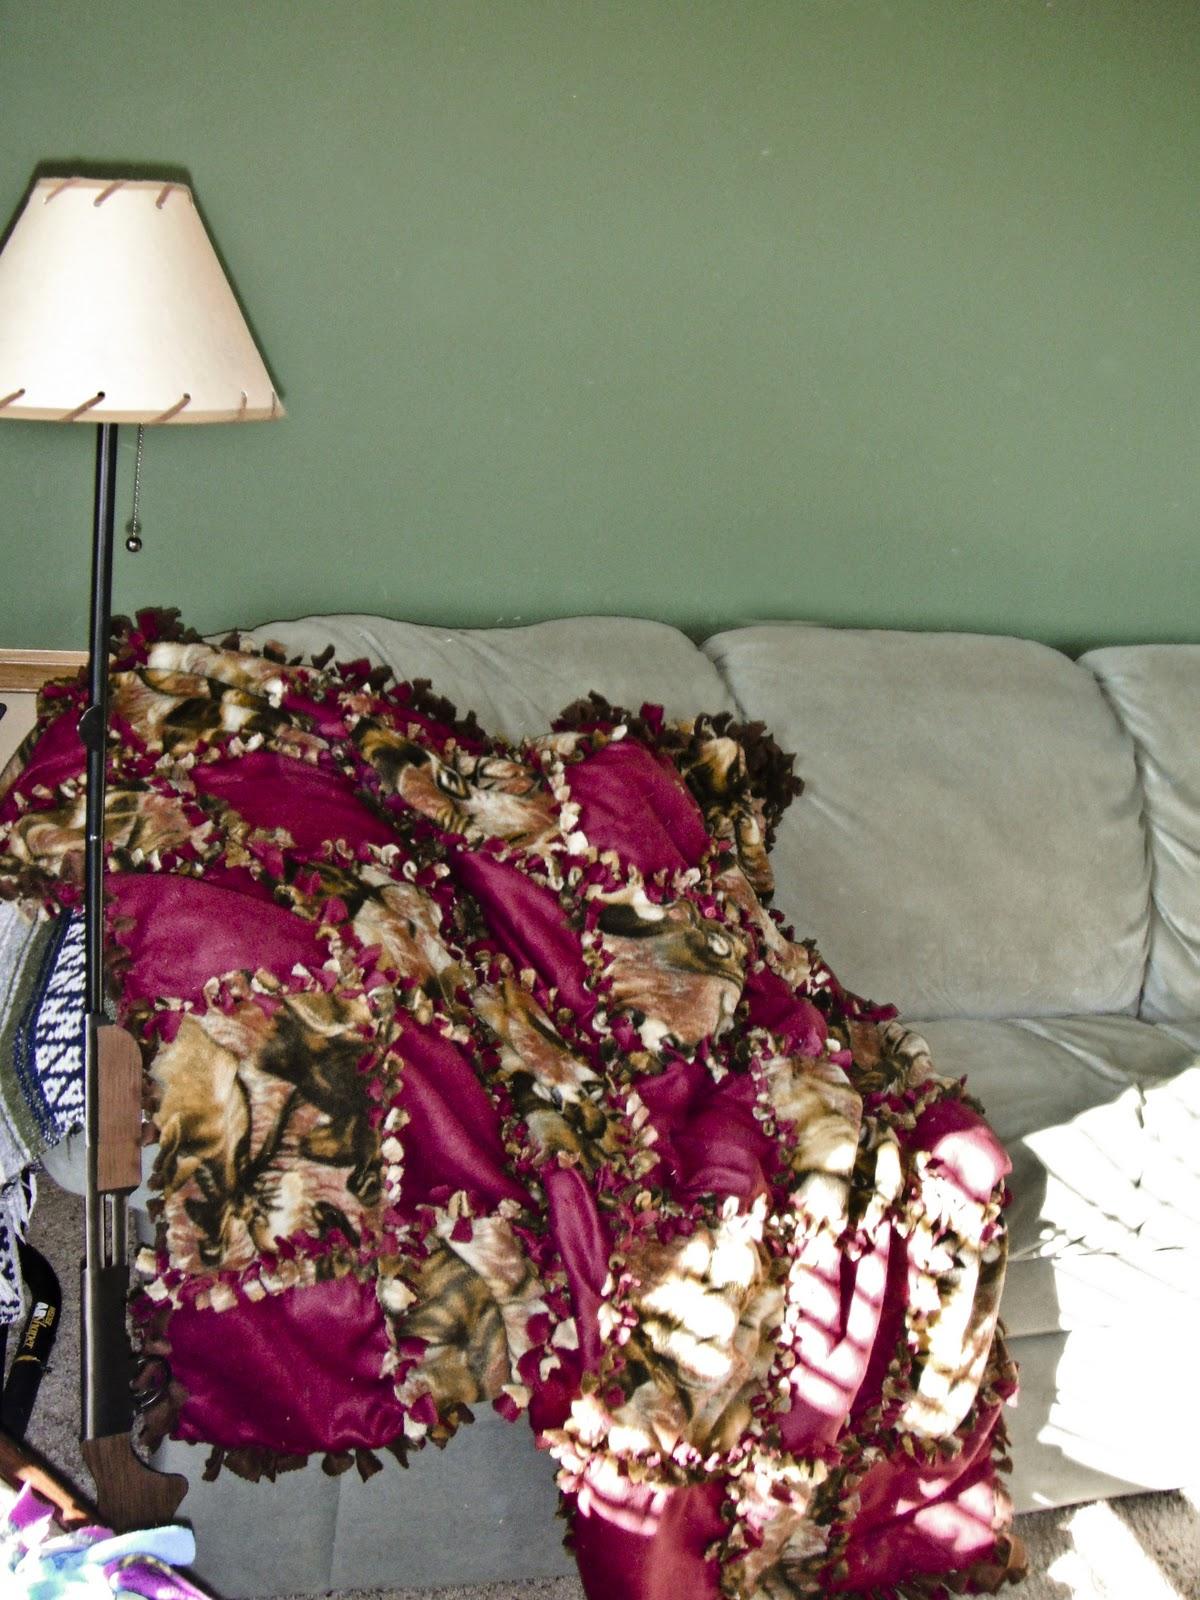 Simply In A Fish Bowl: Quilt Block Fleece Tie Blanket Tutorial : tied fleece quilt - Adamdwight.com